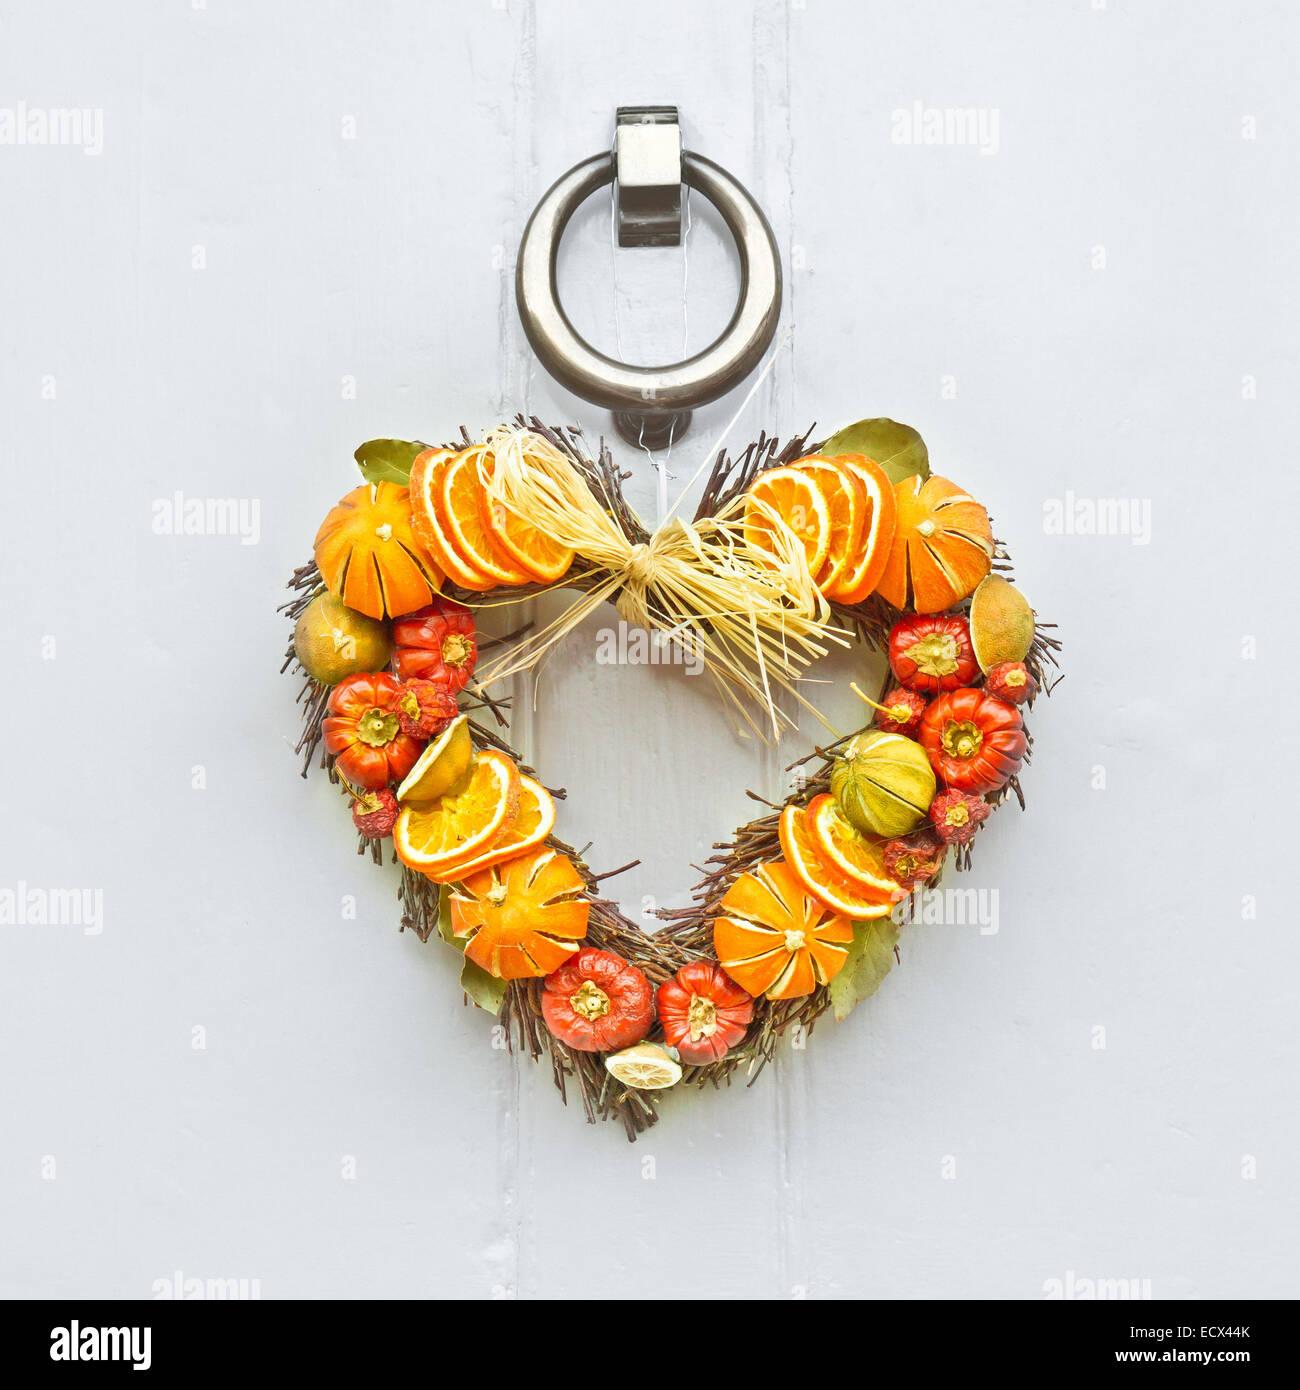 A heart shaped fruit christmas wreath on a wooden front door stock a heart shaped fruit christmas wreath on a wooden front door rubansaba